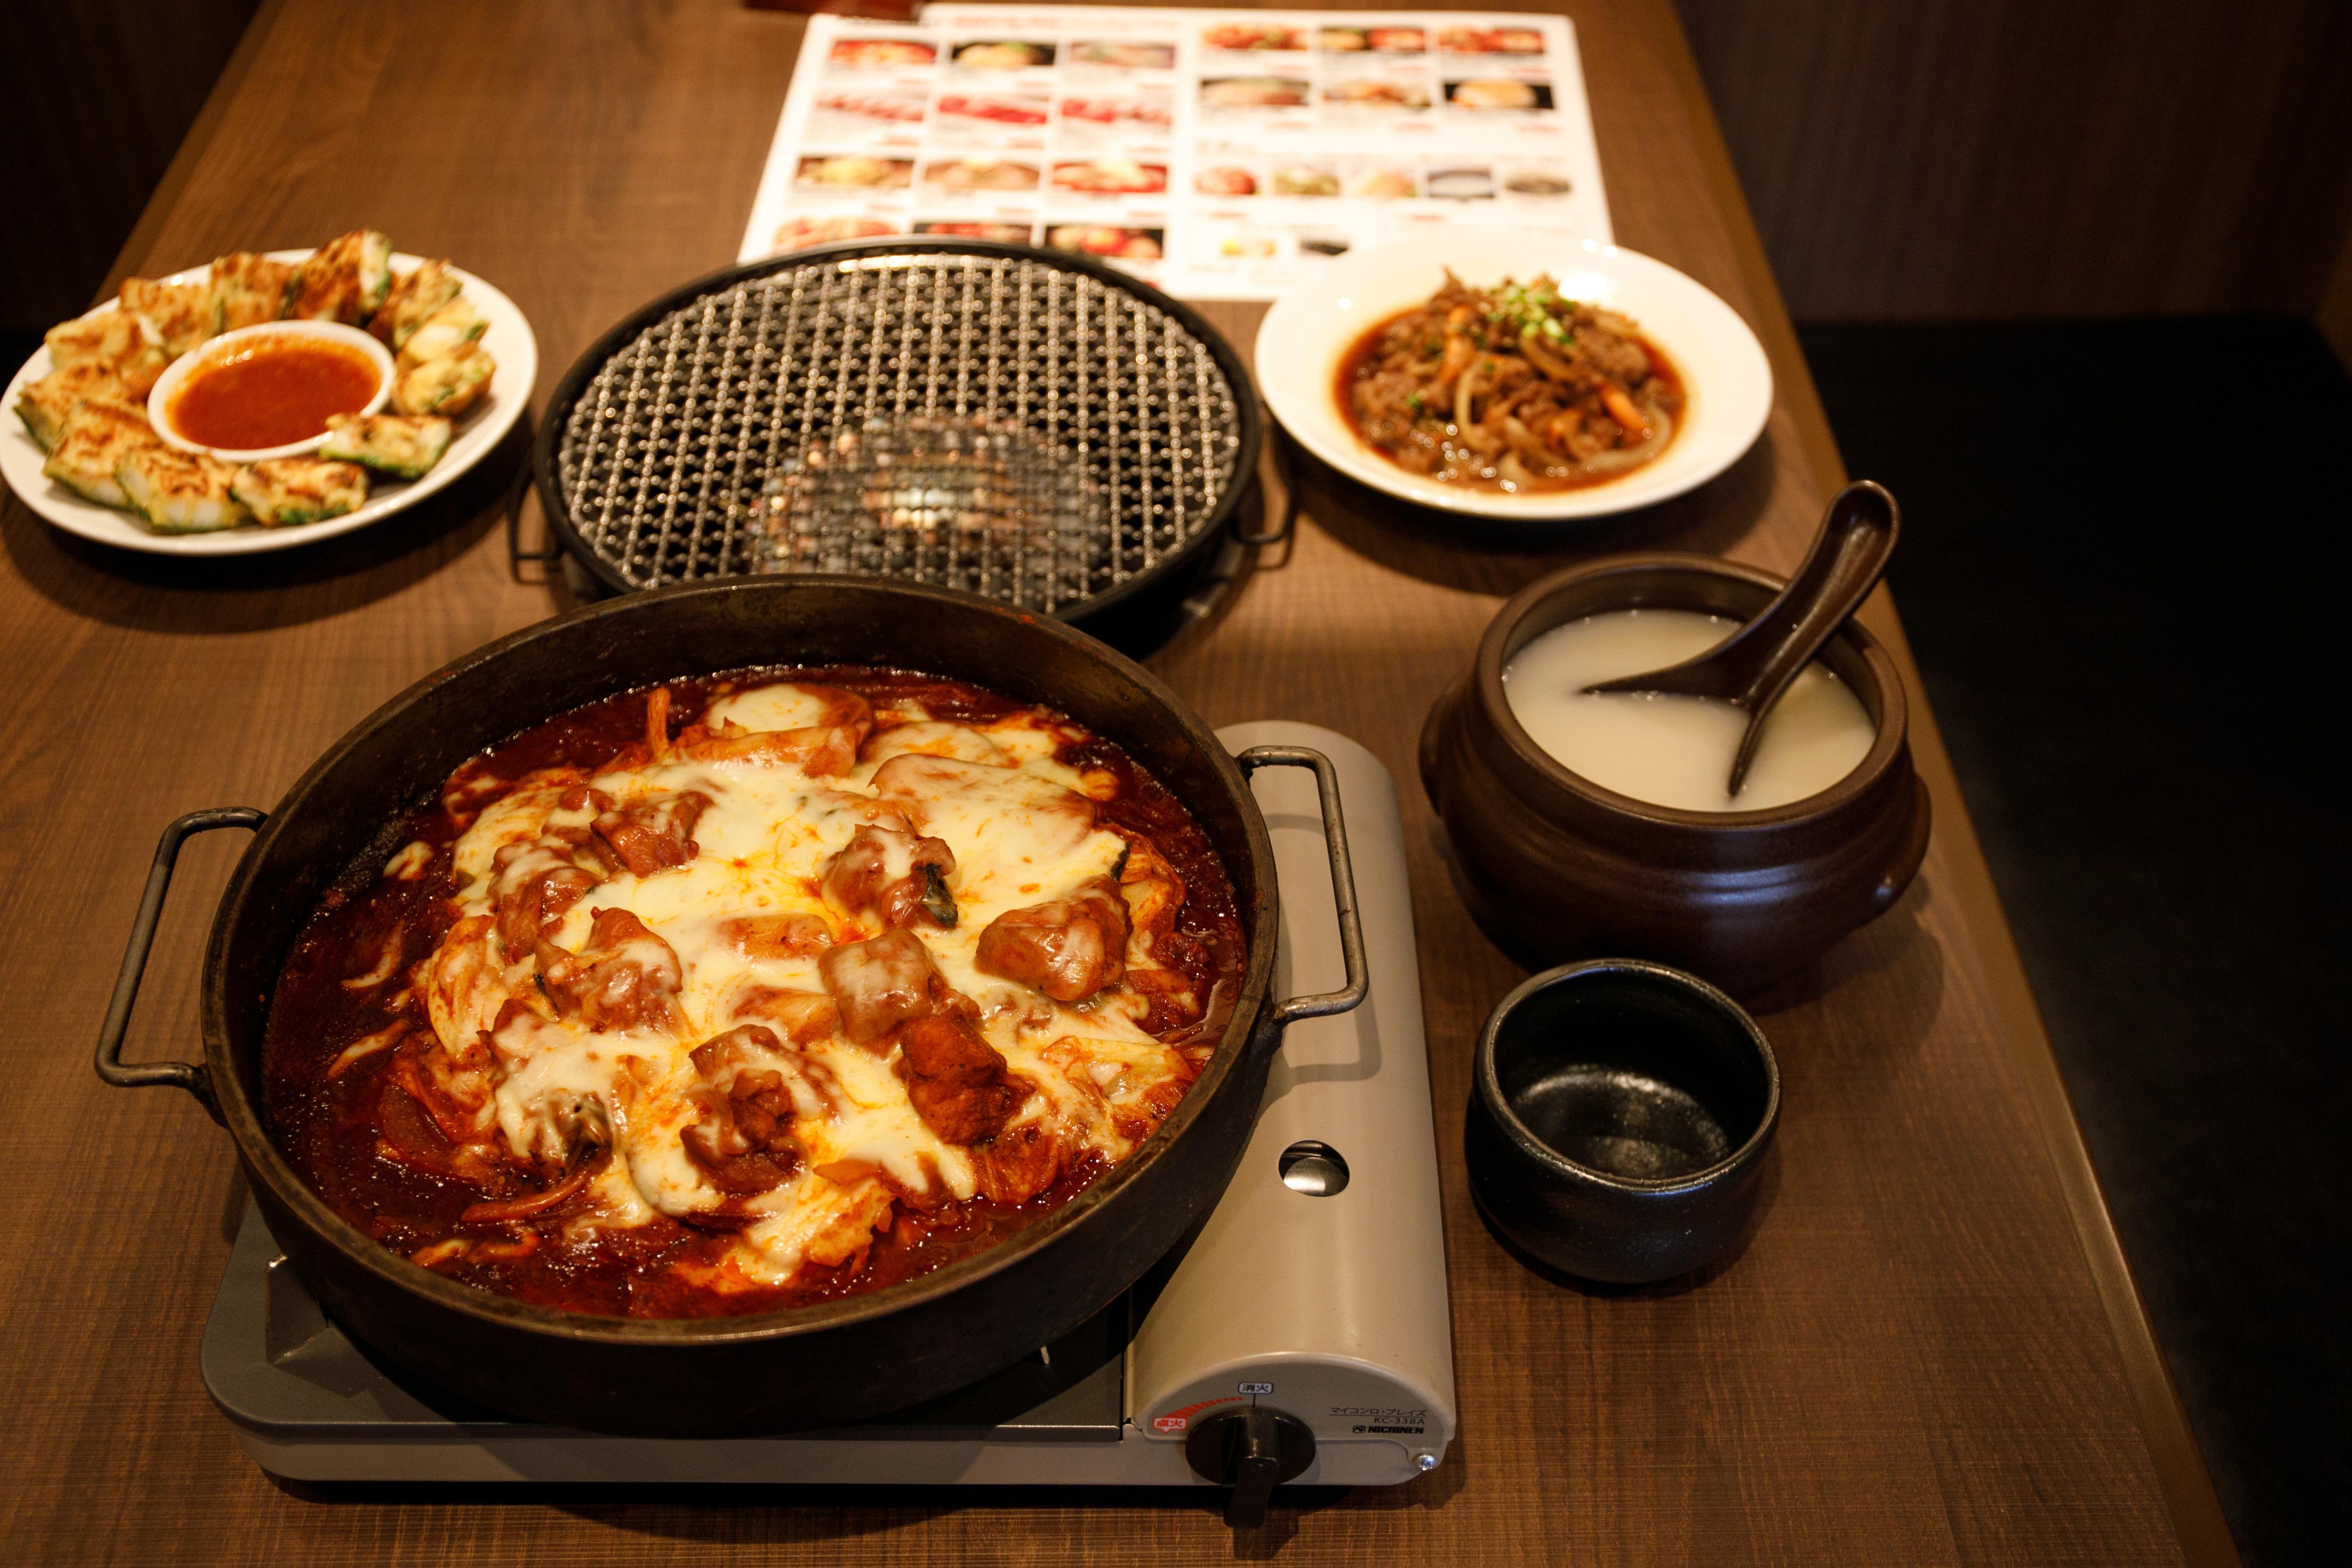 本場韓国の味を楽しめる「KollaBo」&汎用性の高い貸切専用多目的スペース「ELLE HALL Dining」 - 112A7042